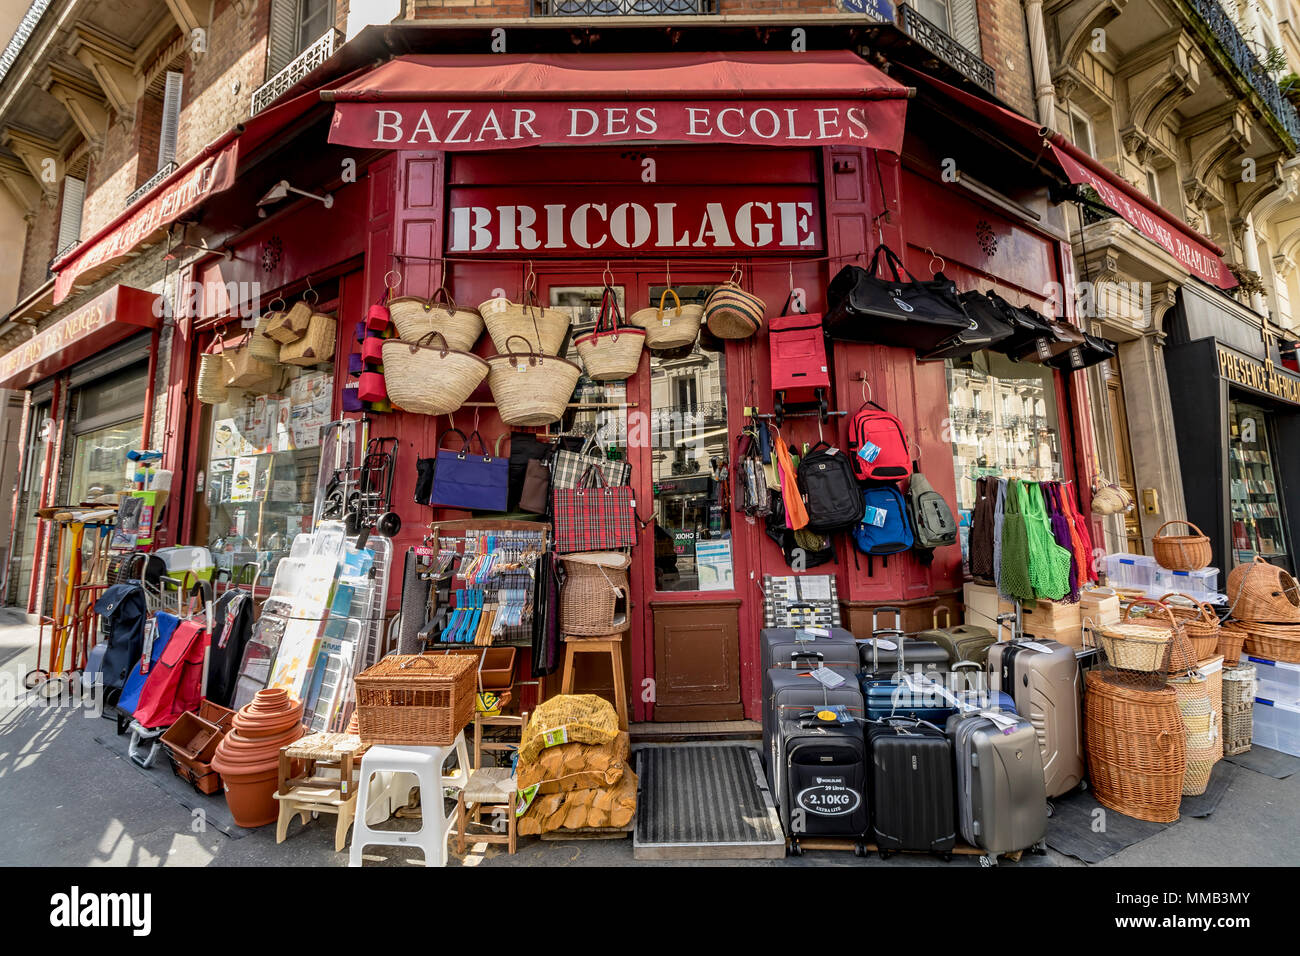 Vasta gamma di merci al Bazar des écoles un hardware shop vendita di cesti e altri beni assortiti 20 Rue de la Montagne Sainte Geneviève Paris , Francia Immagini Stock